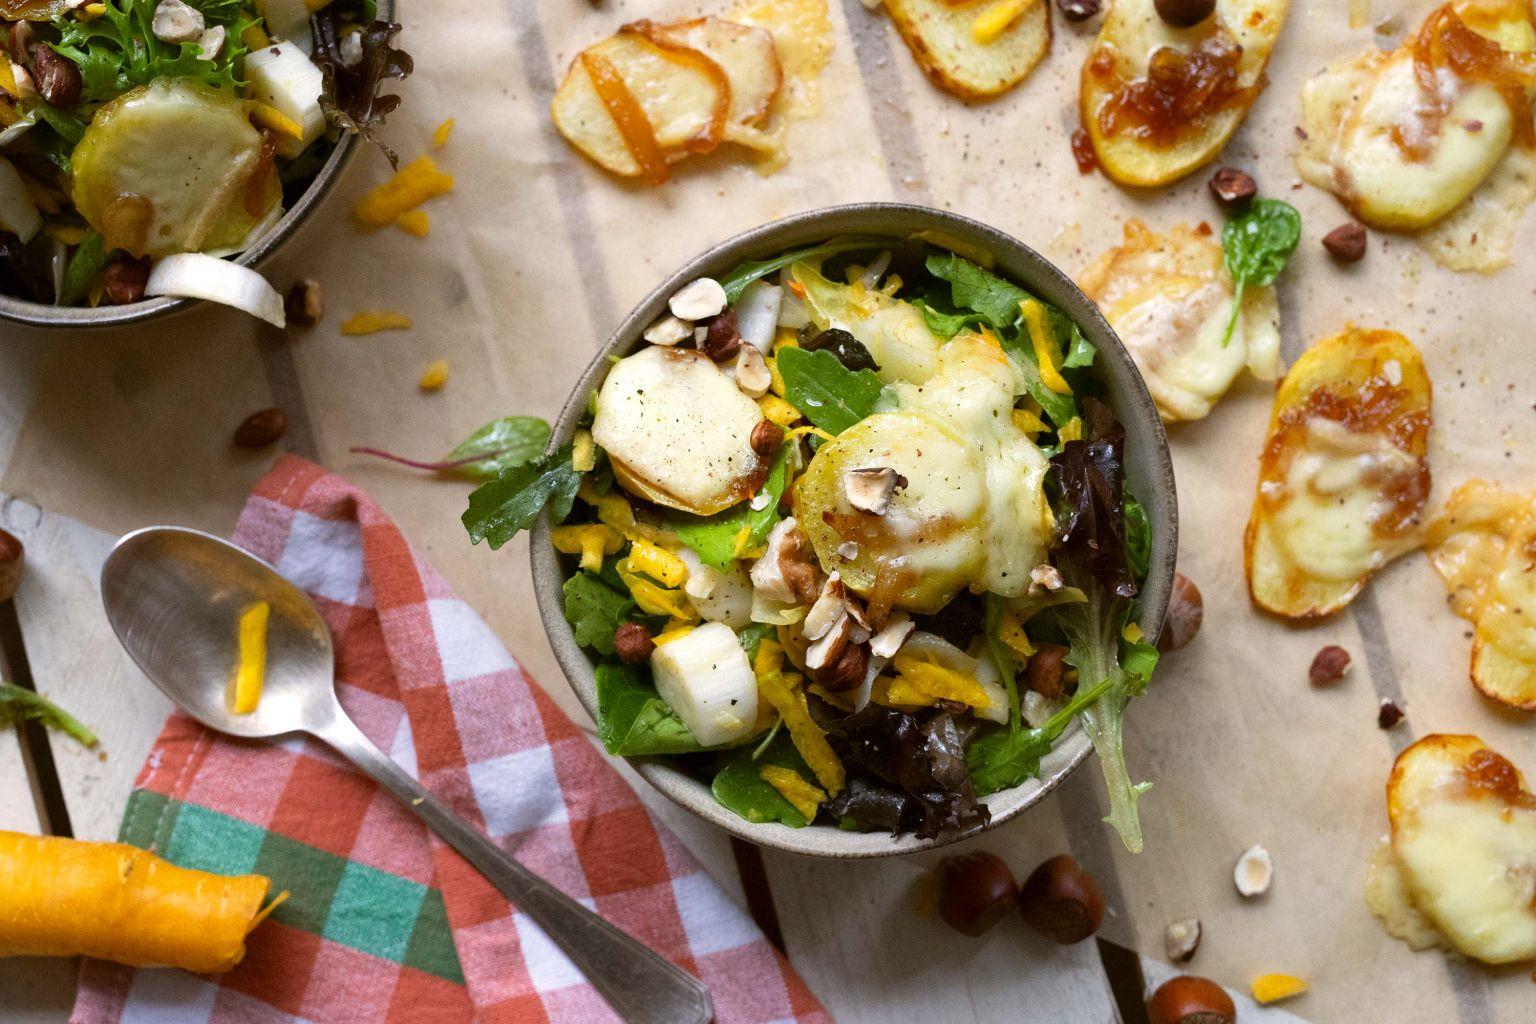 Salade de patartines à la raclette et noisettes